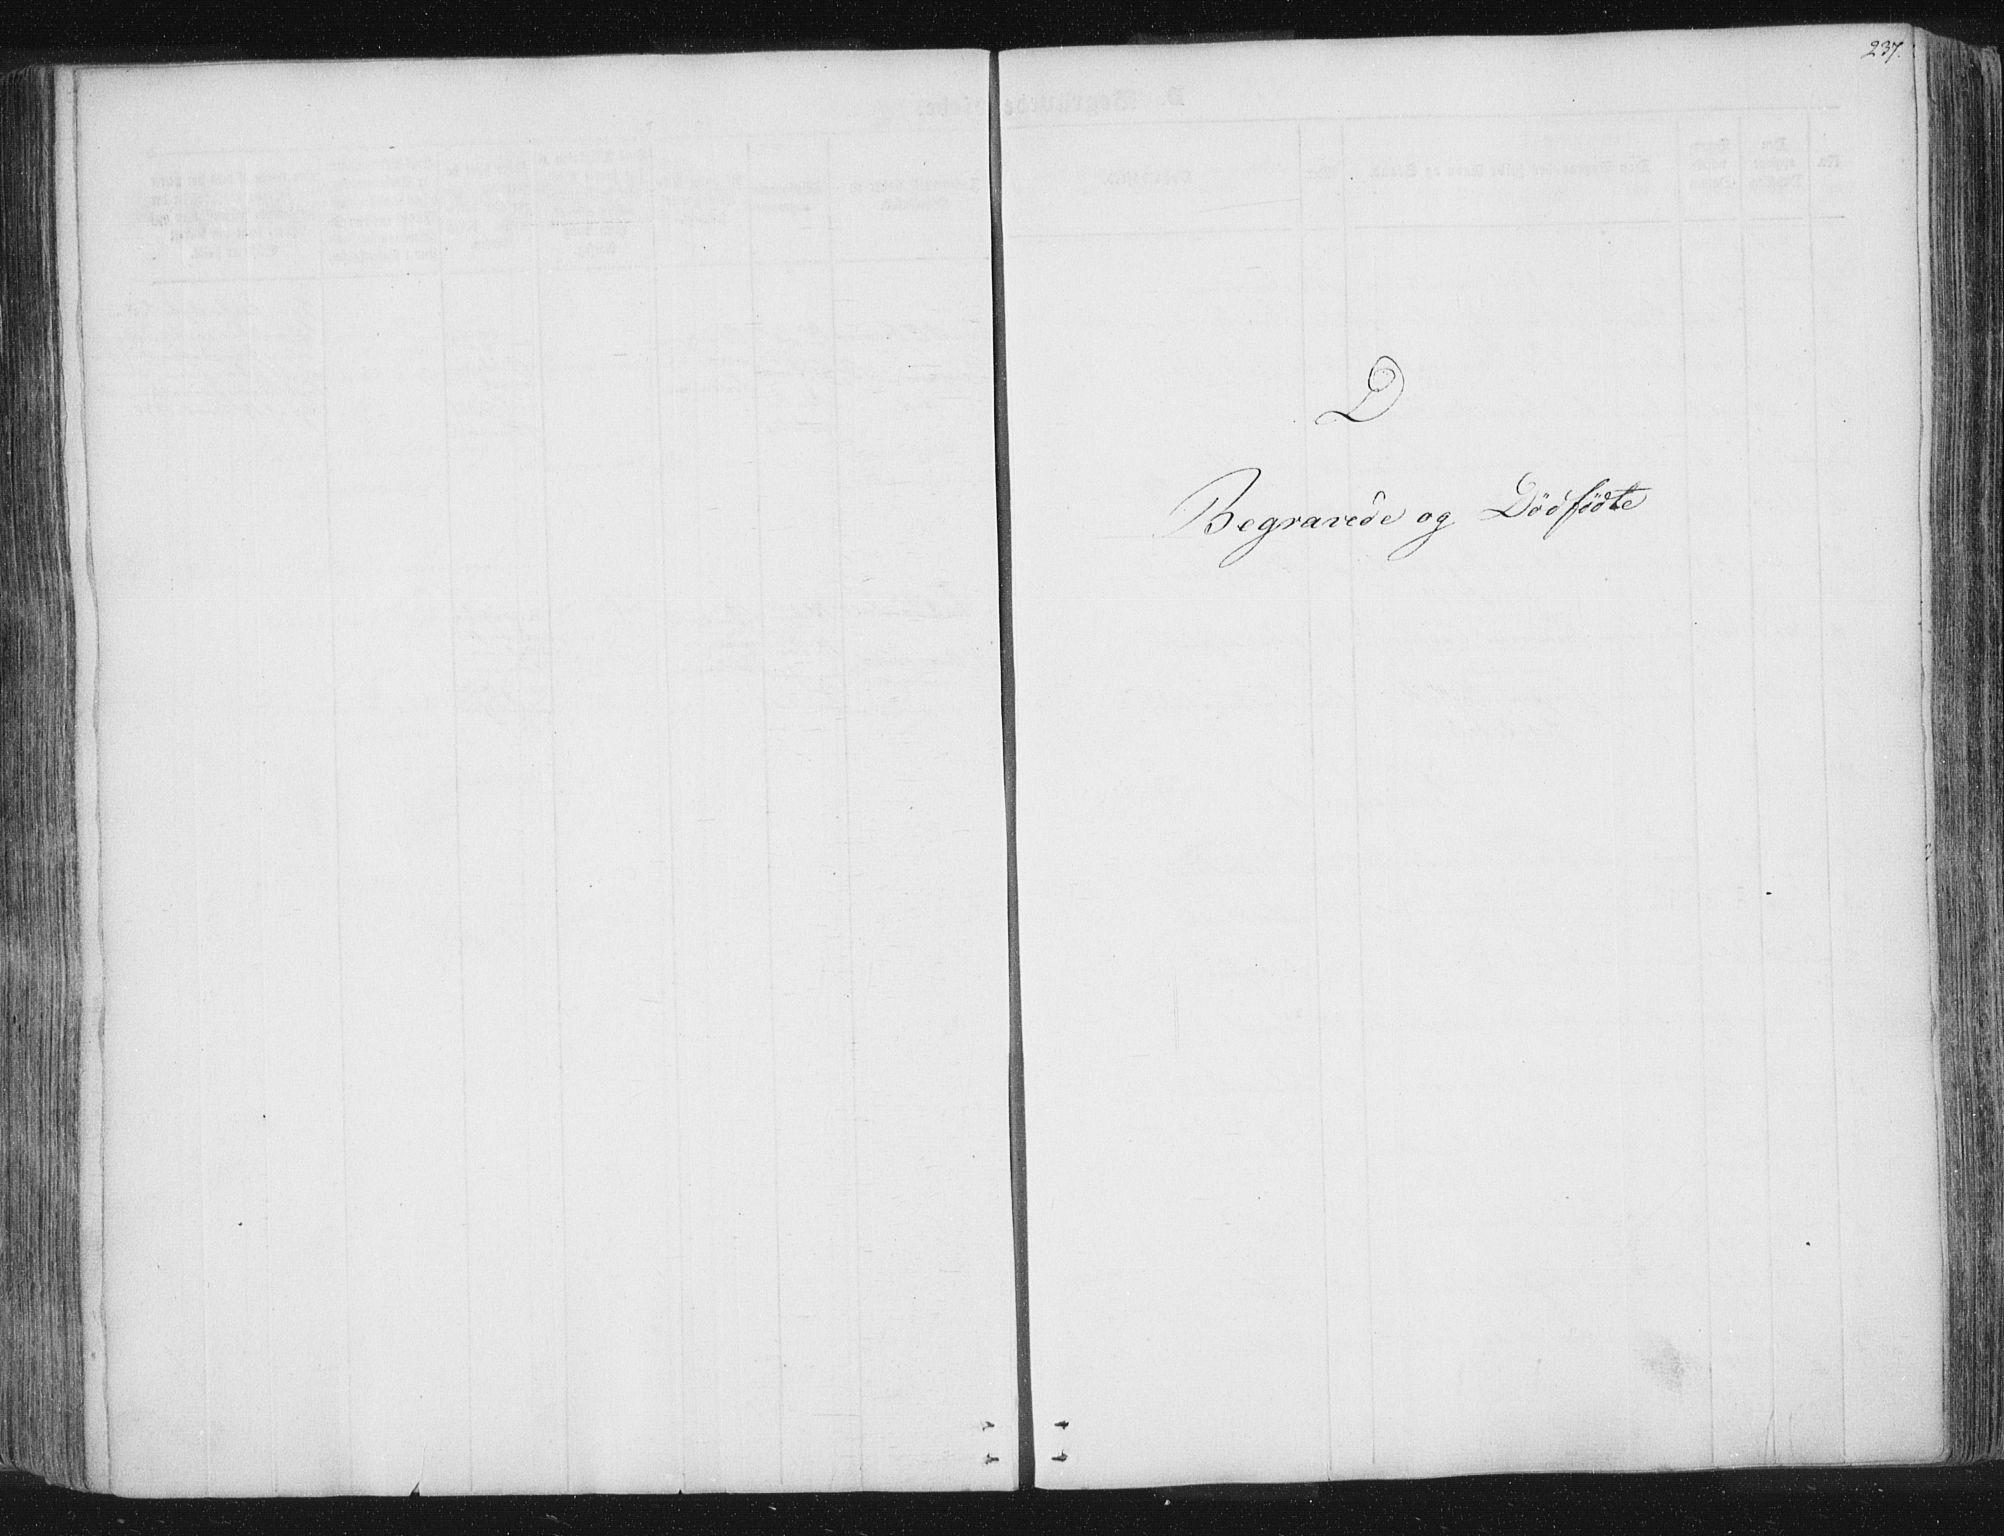 SAT, Ministerialprotokoller, klokkerbøker og fødselsregistre - Nord-Trøndelag, 741/L0392: Ministerialbok nr. 741A06, 1836-1848, s. 237